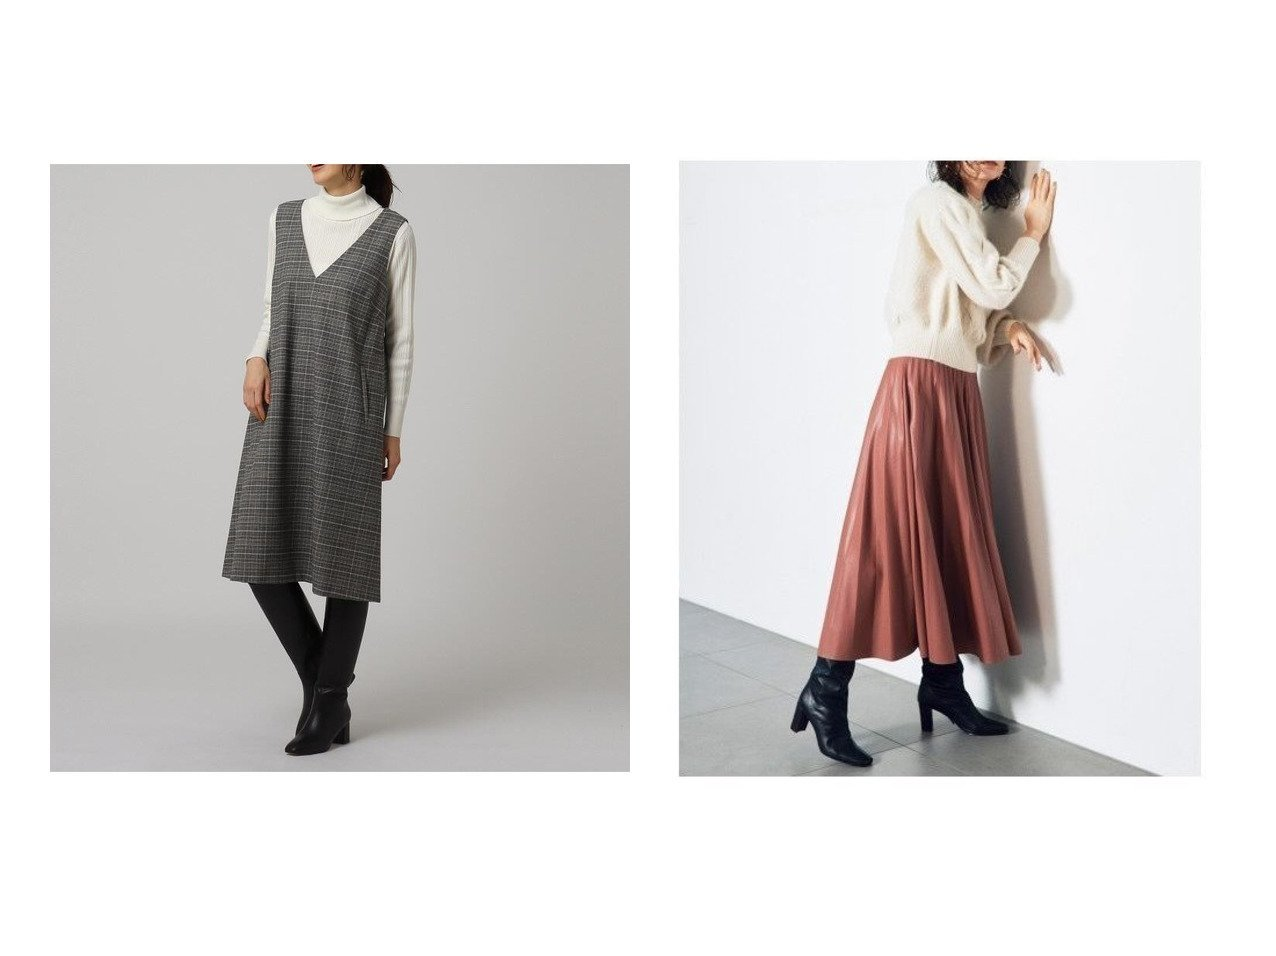 【UNTITLED/アンタイトル】のブラッシュグレンジャンスカ&【SNIDEL/スナイデル】のレザープリーツスカート スカートのおすすめ!人気、レディースファッションの通販  おすすめで人気のファッション通販商品 インテリア・家具・キッズファッション・メンズファッション・レディースファッション・服の通販 founy(ファニー) https://founy.com/ ファッション Fashion レディース WOMEN スカート Skirt プリーツスカート Pleated Skirts インナー クラシカル ショート チェック ハイネック ポケット シアー シフォン スマート トレンド フェイクレザー フェミニン フレア プリーツ ベーシック ロング  ID:crp329100000004029